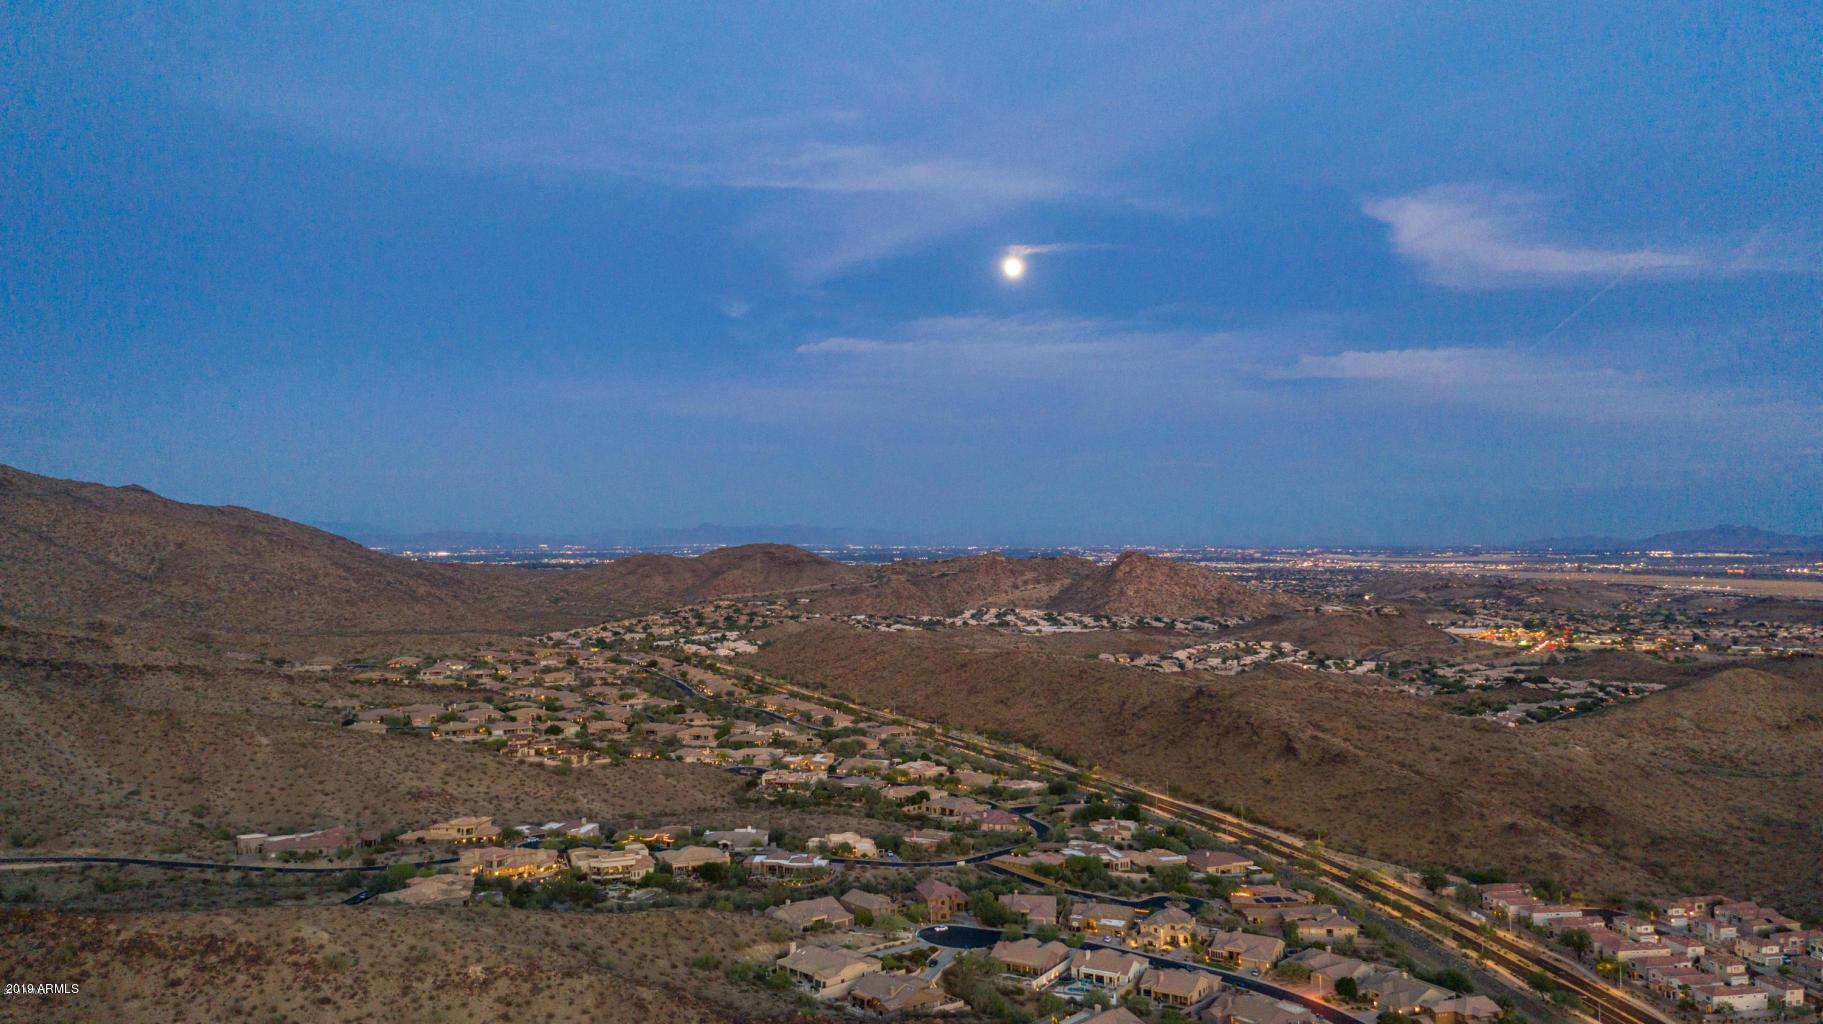 MLS 6298438 14629 S 4TH Avenue, Phoenix, AZ 85045 Phoenix AZ Club West